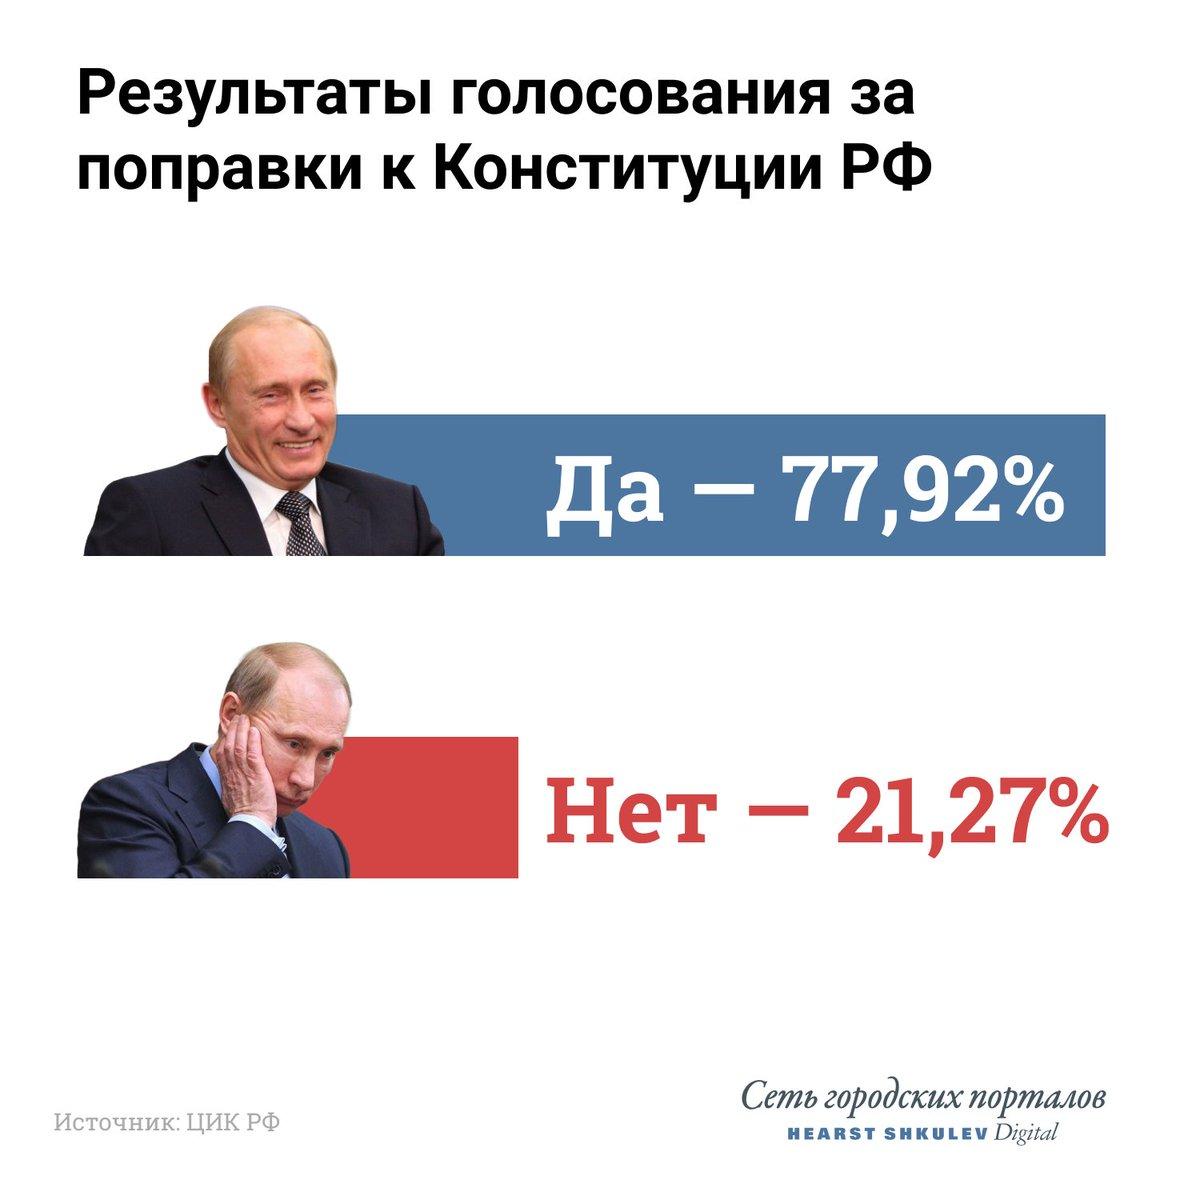 Итак, россияне всё-таки изменили будущее страны. ЦИК закончил подсчёт всех протоколов по России: за поправки проголосовало 77,92% населения, против — 21,27%.  По последним данным, общероссийская явка составила 64,99%.  https://t.co/GKNerSHHtT https://t.co/KBXbagKsRp